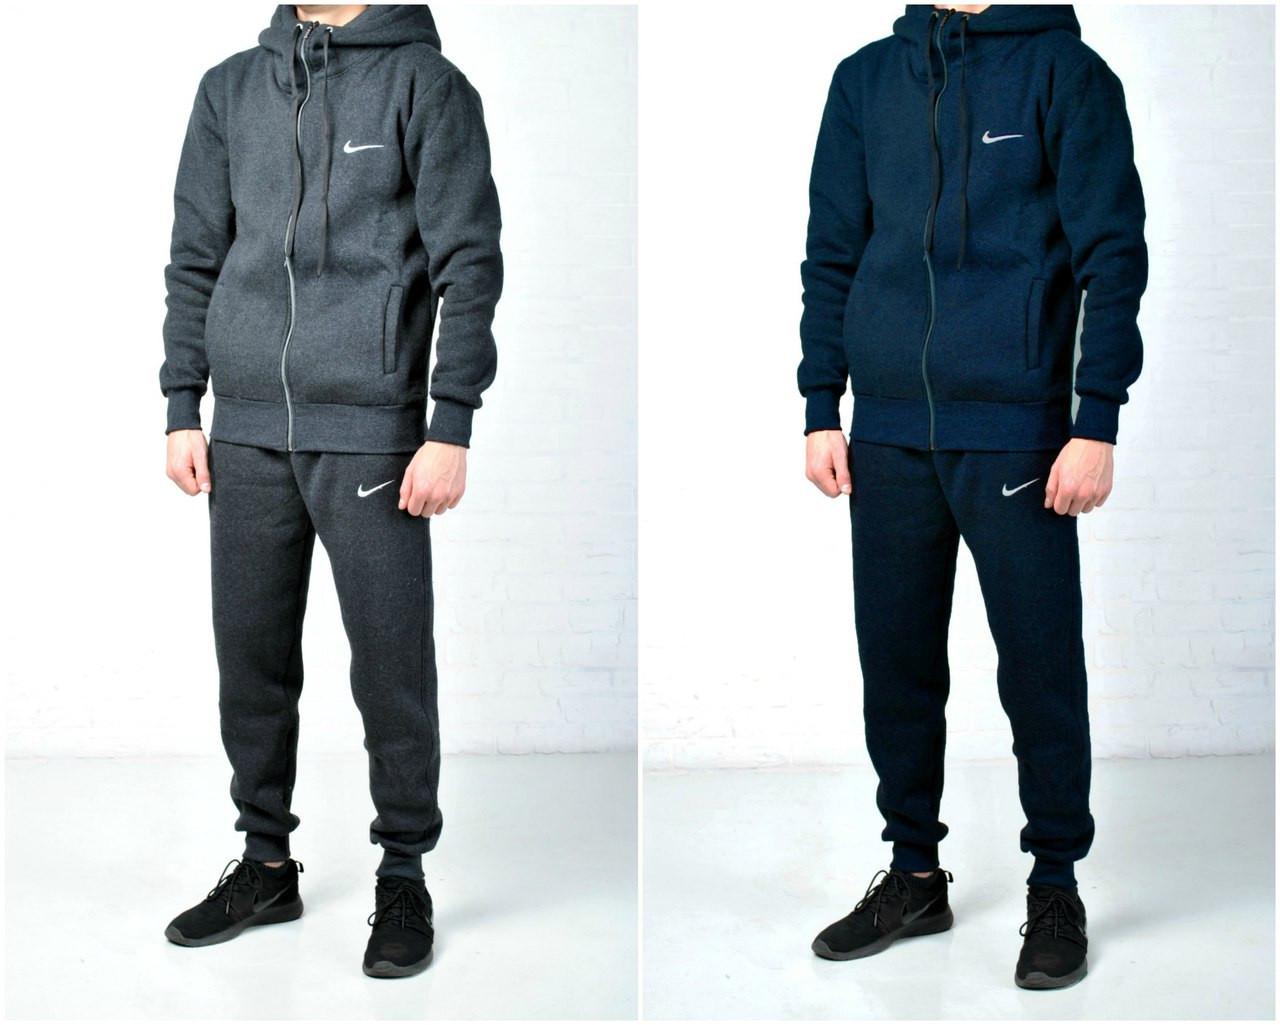 73253e7692c Утепленные мужские спортивные костюмы Nike осень зима утепленные с  капюшоном р-ры S M L XL